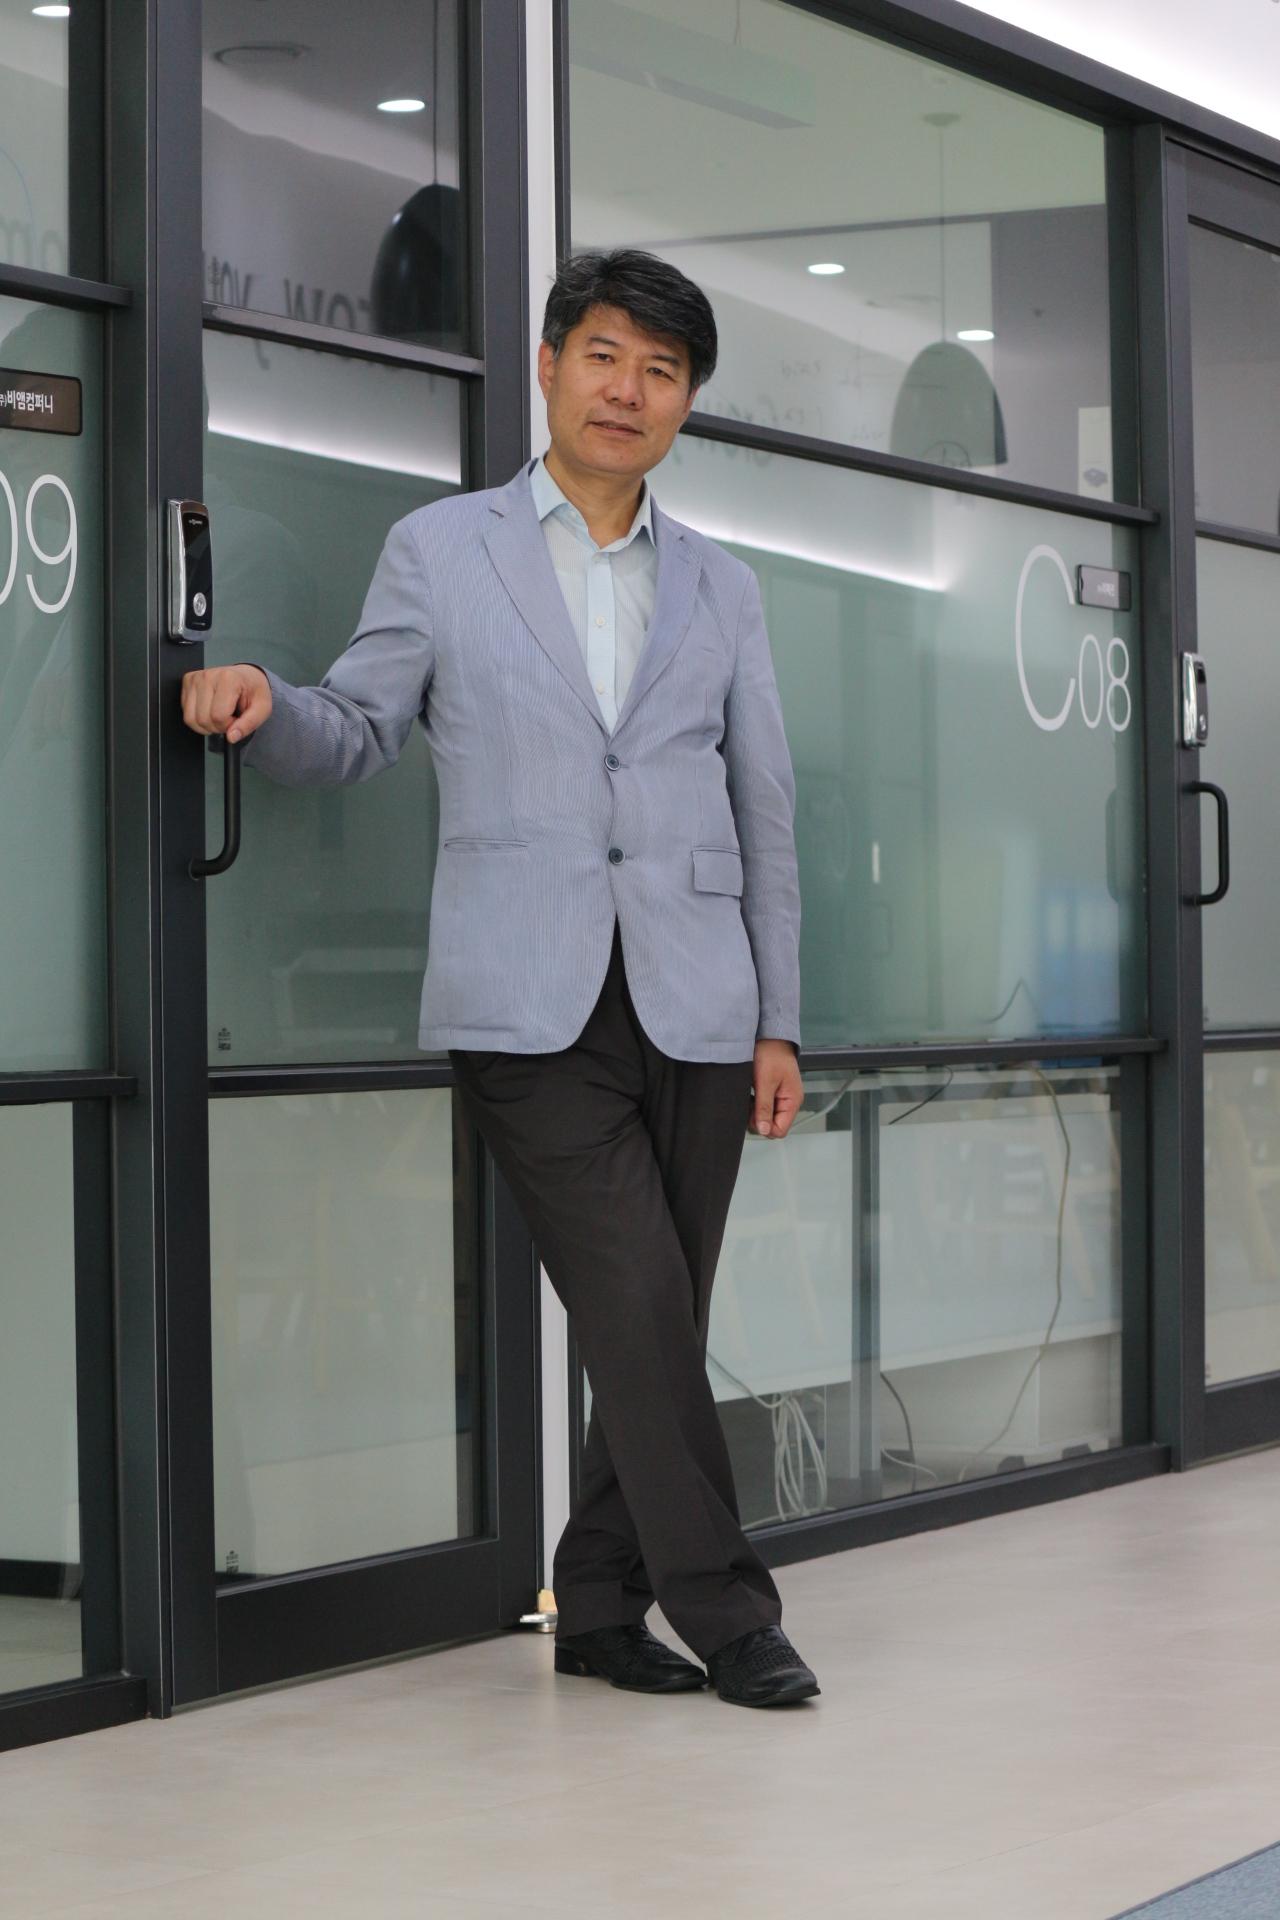 서울디자인재단 이해수 감사팀장